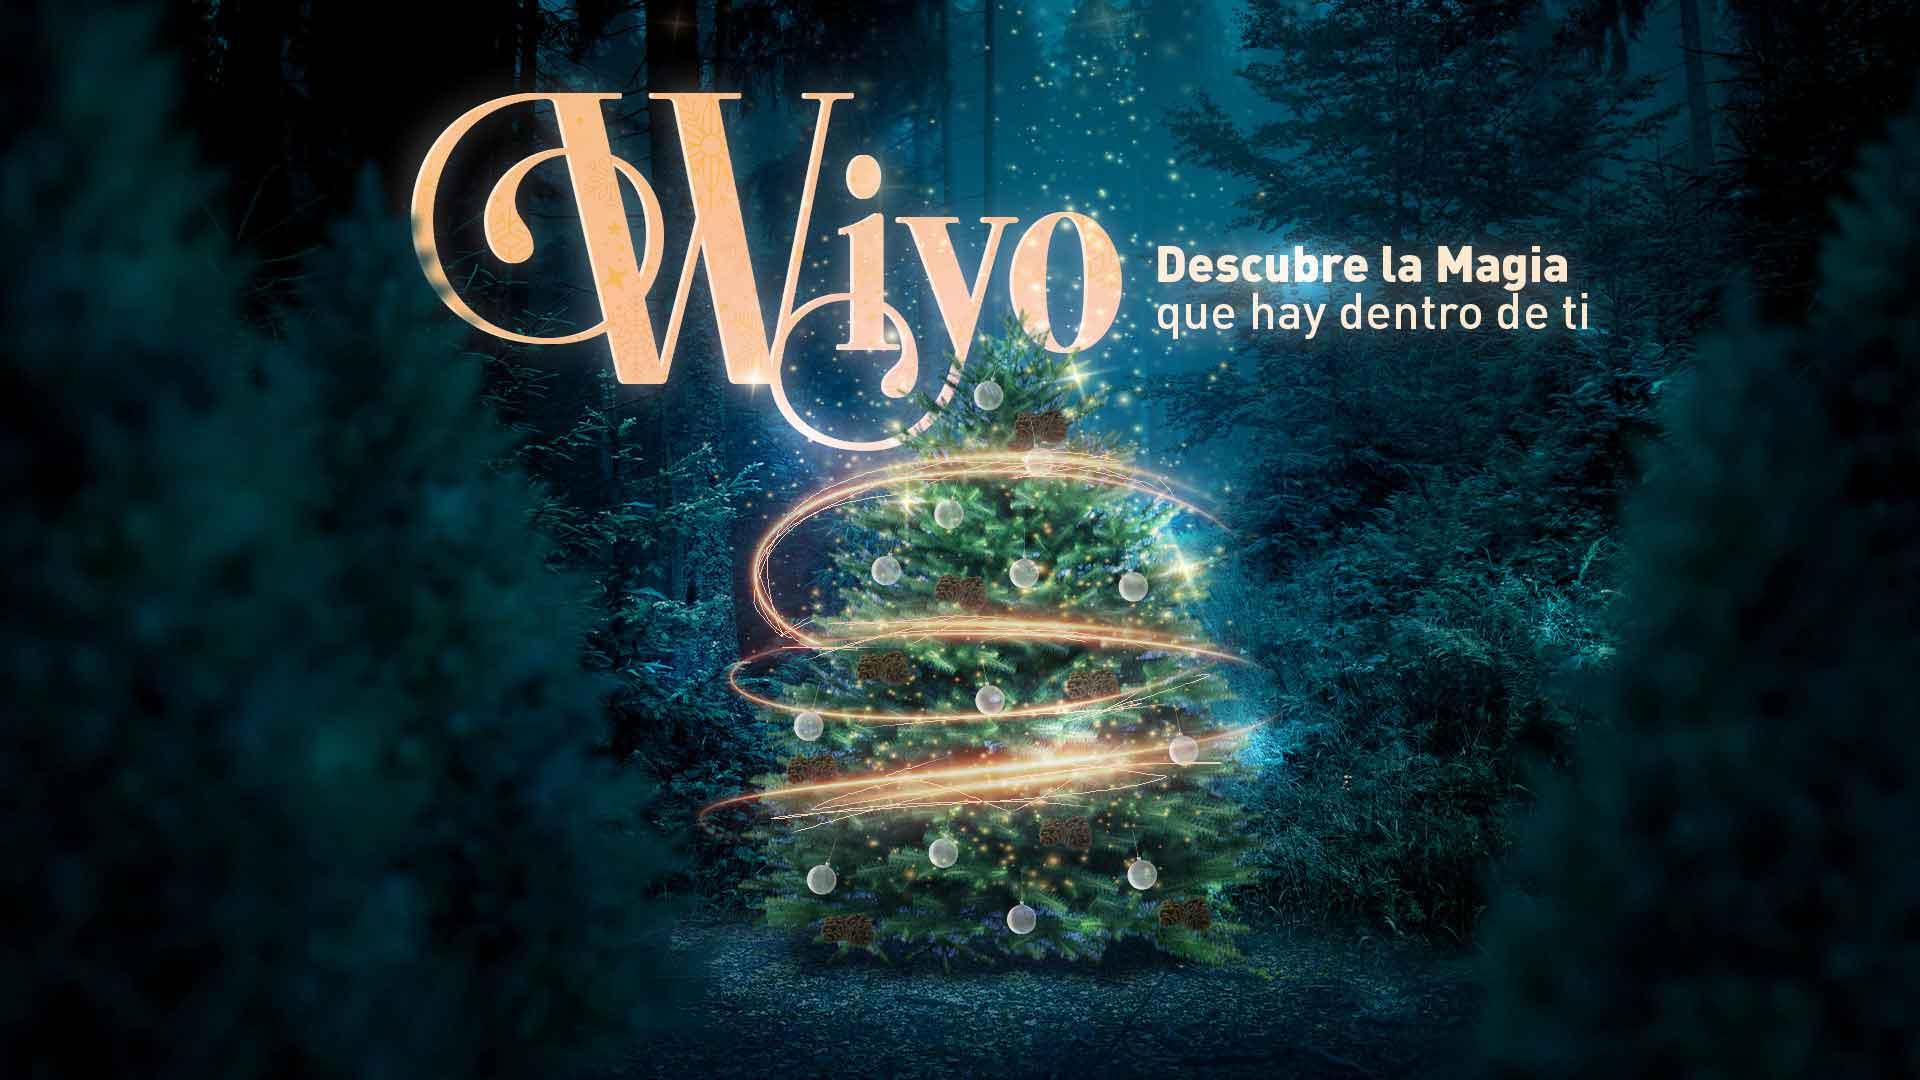 El-Bosque-del-ciclo-verde-Noel-carrusel-wiyo